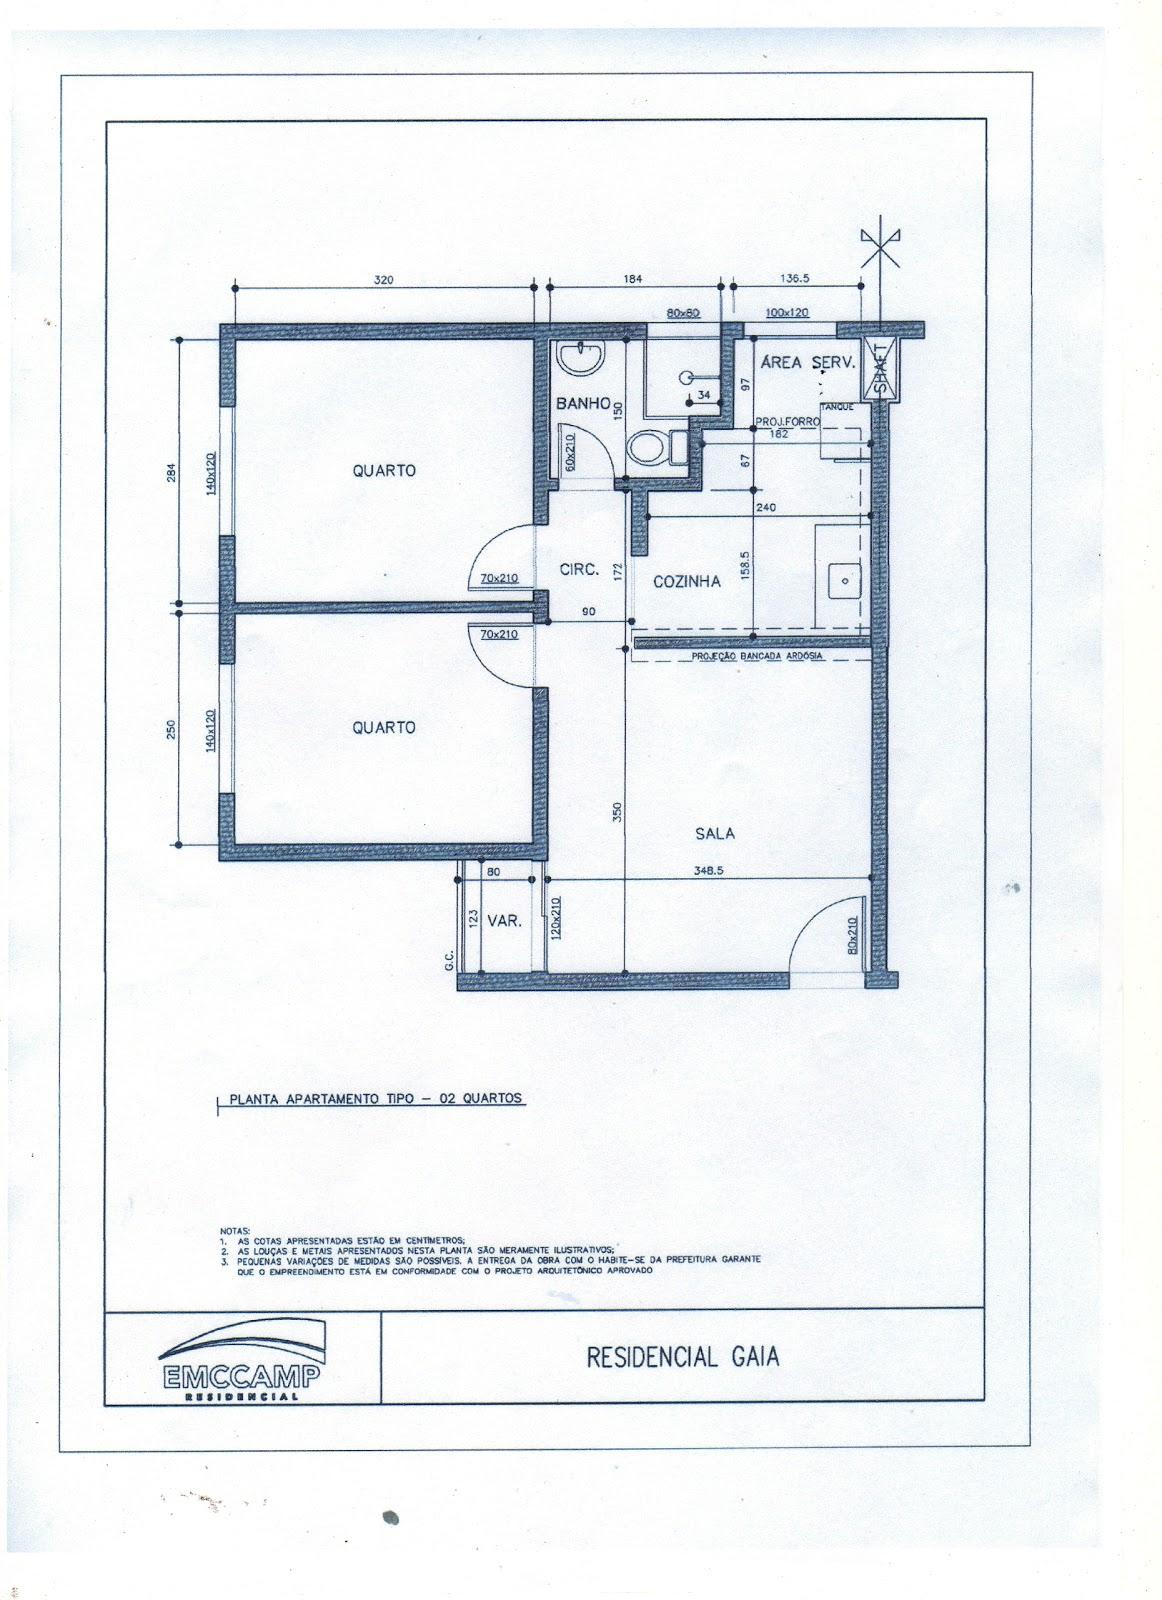 49m2 com dois quartos banheiro sala área de serviço e varanda #4C647F 1162 1600